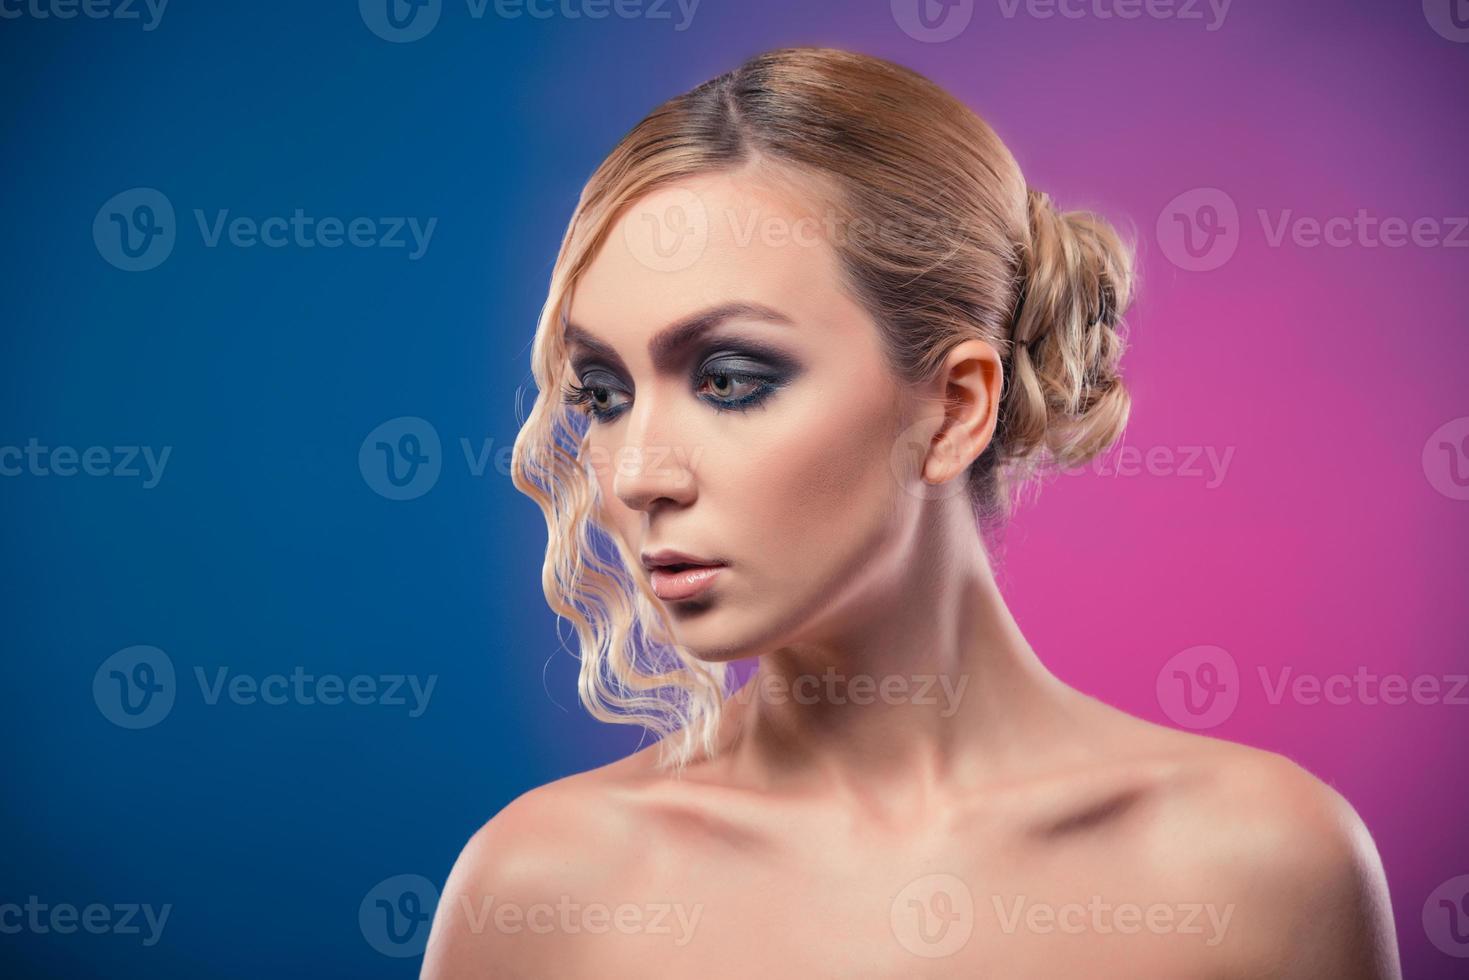 mooie luxe vrouw op paarse achtergrond foto